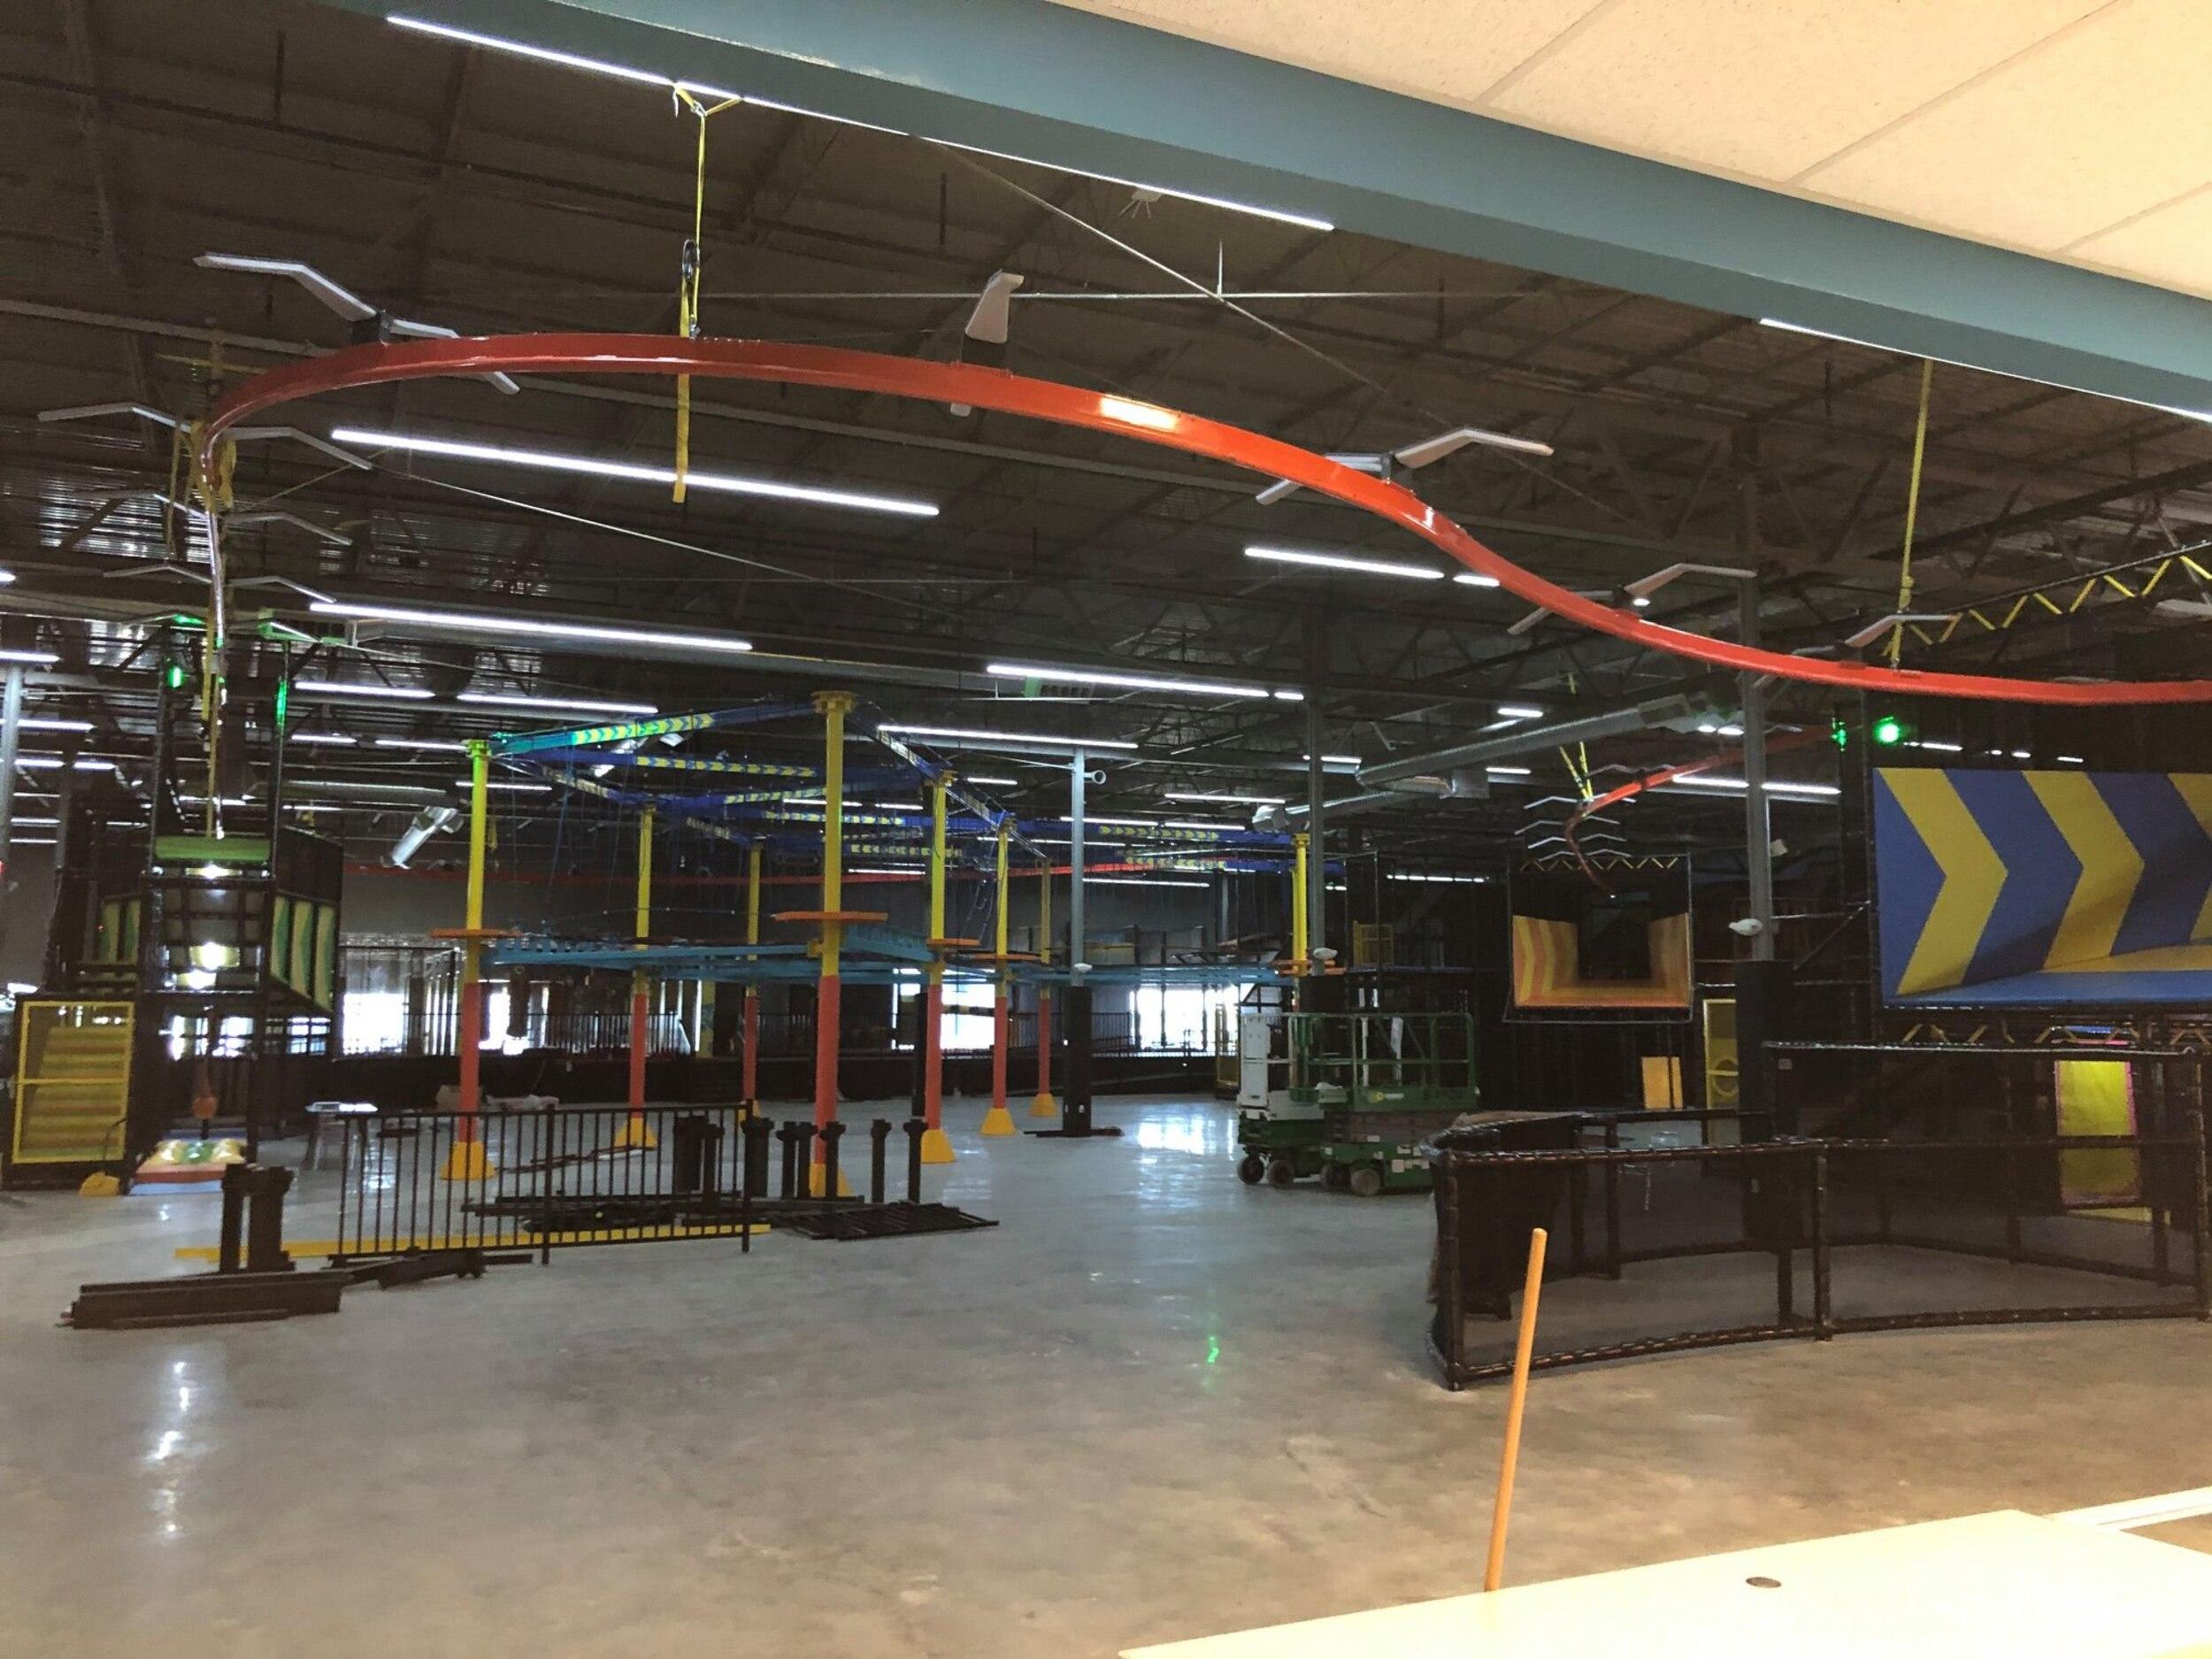 New Indoor Amusement Park In Works Since Last Summer Set To Open In Bangor